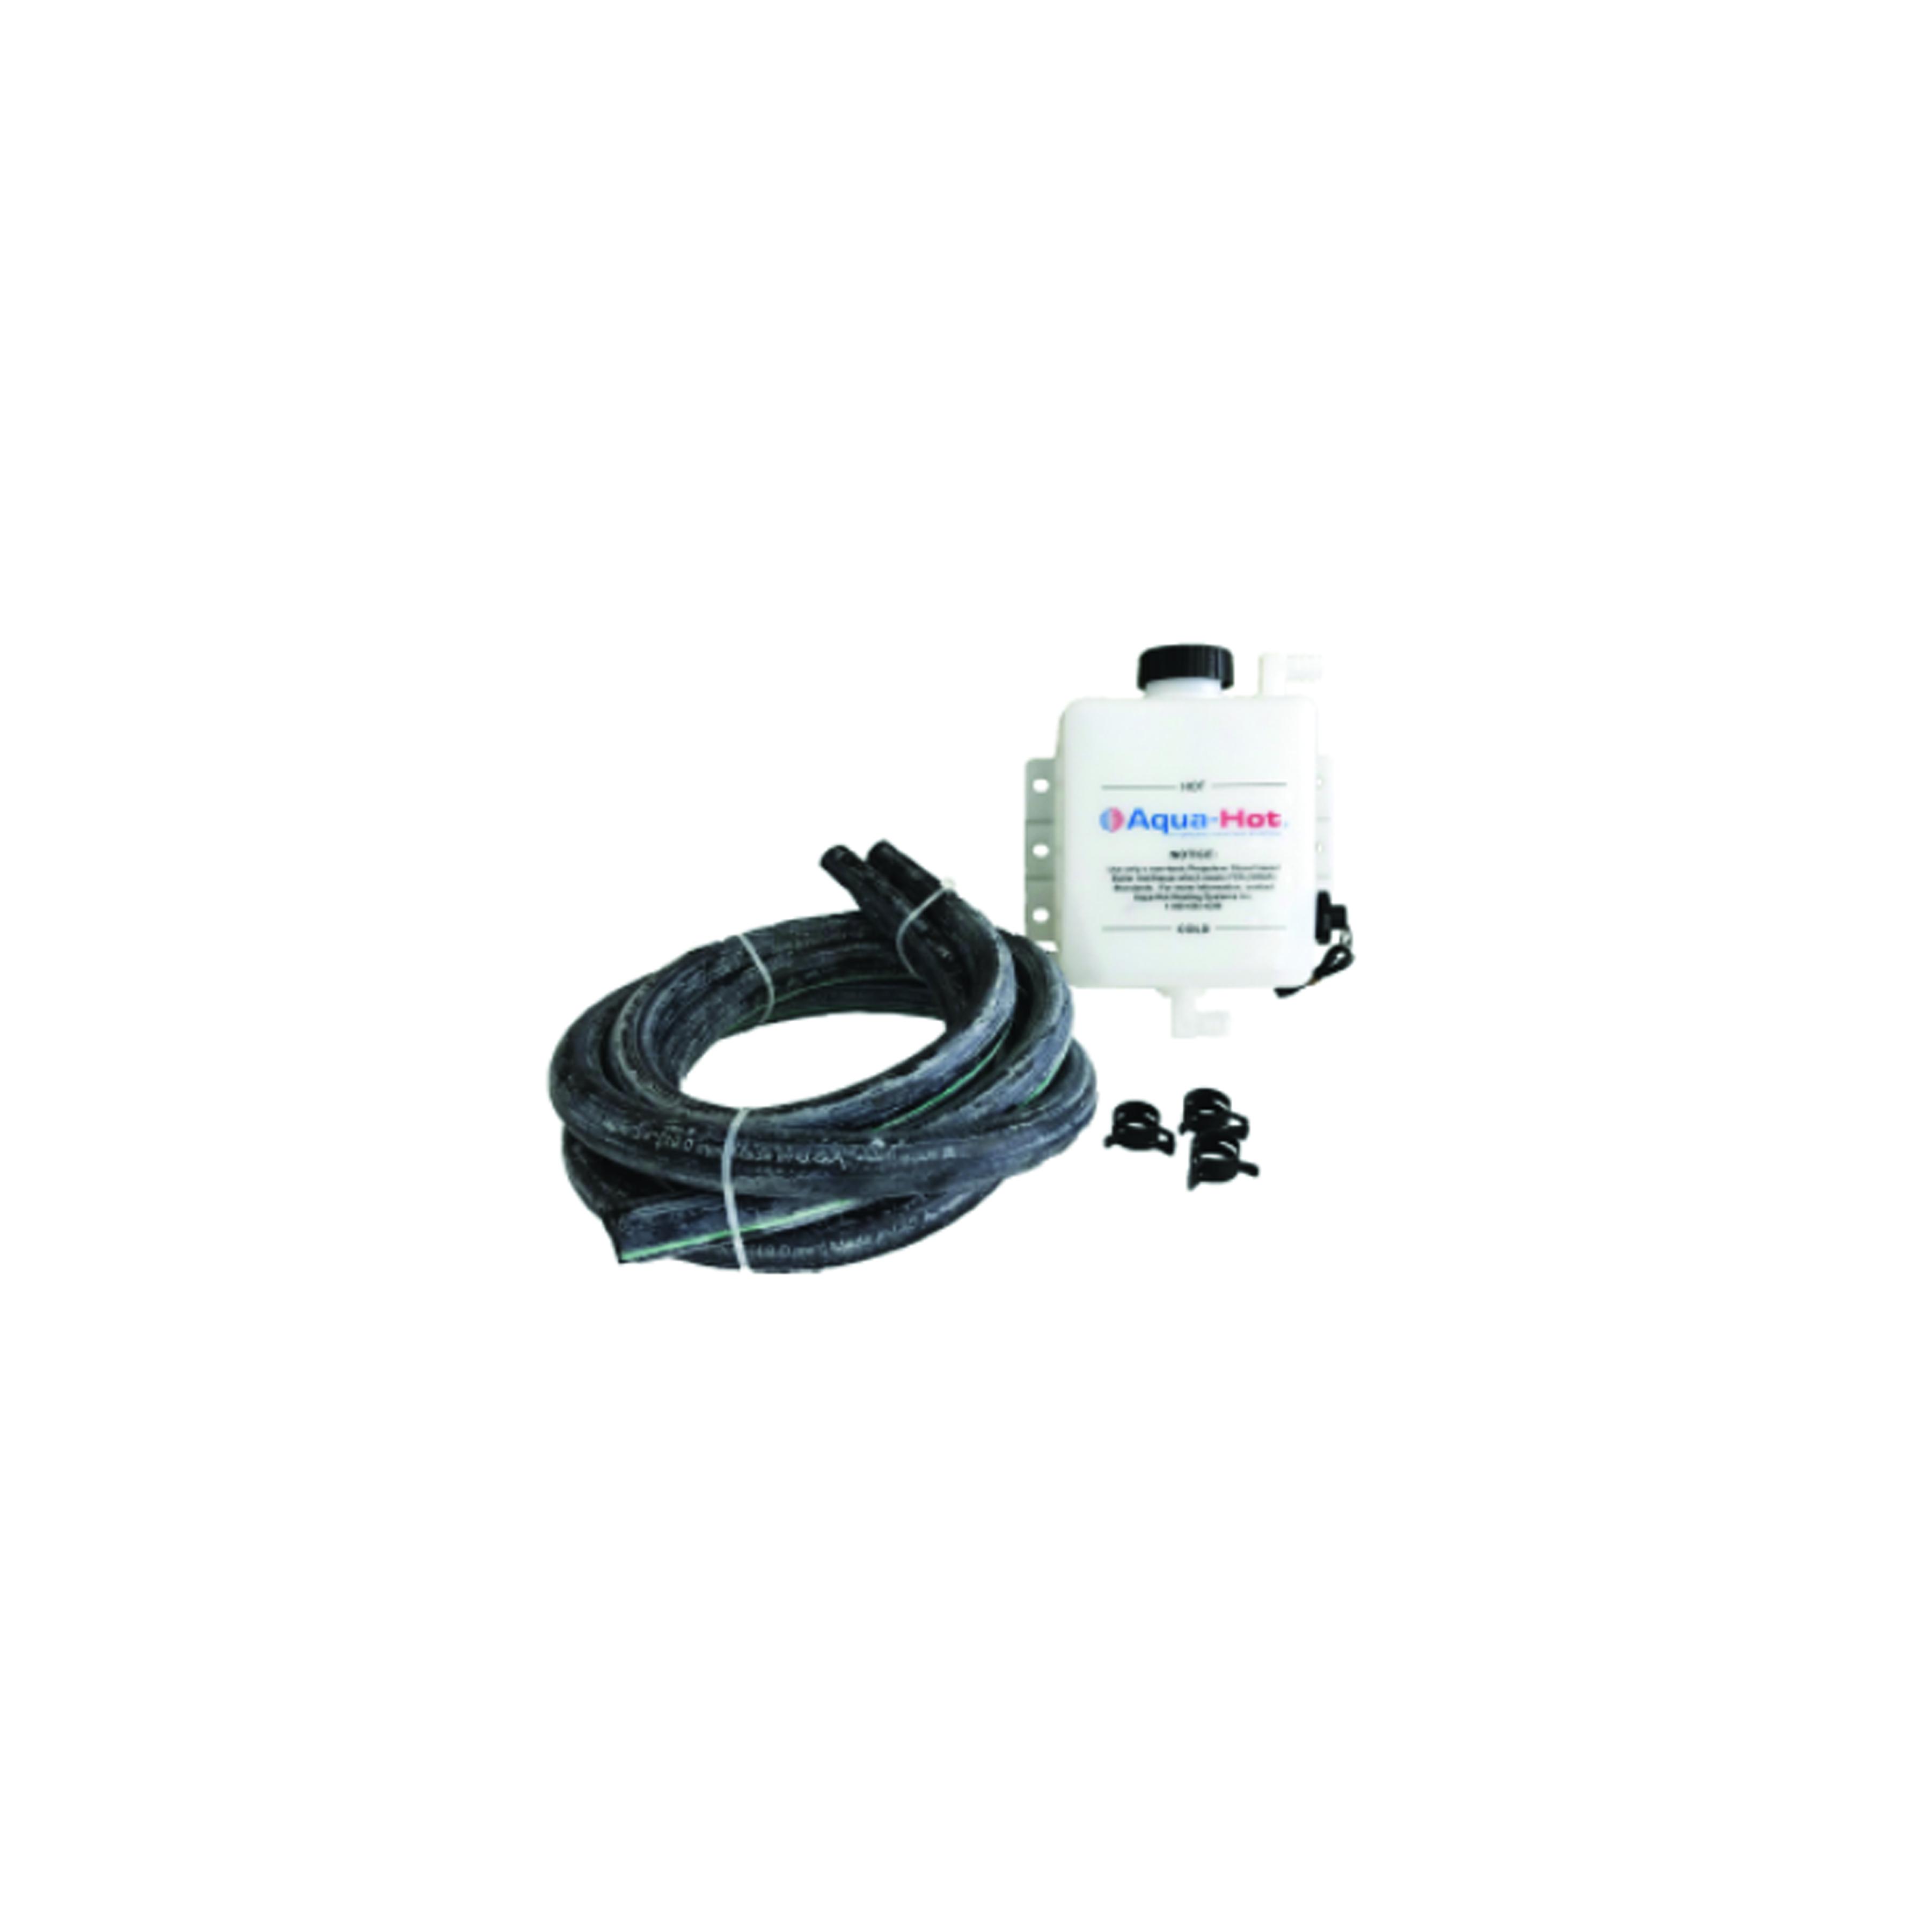 Kit: Expansion Bottle, Float Sensor, Clamps, Hose